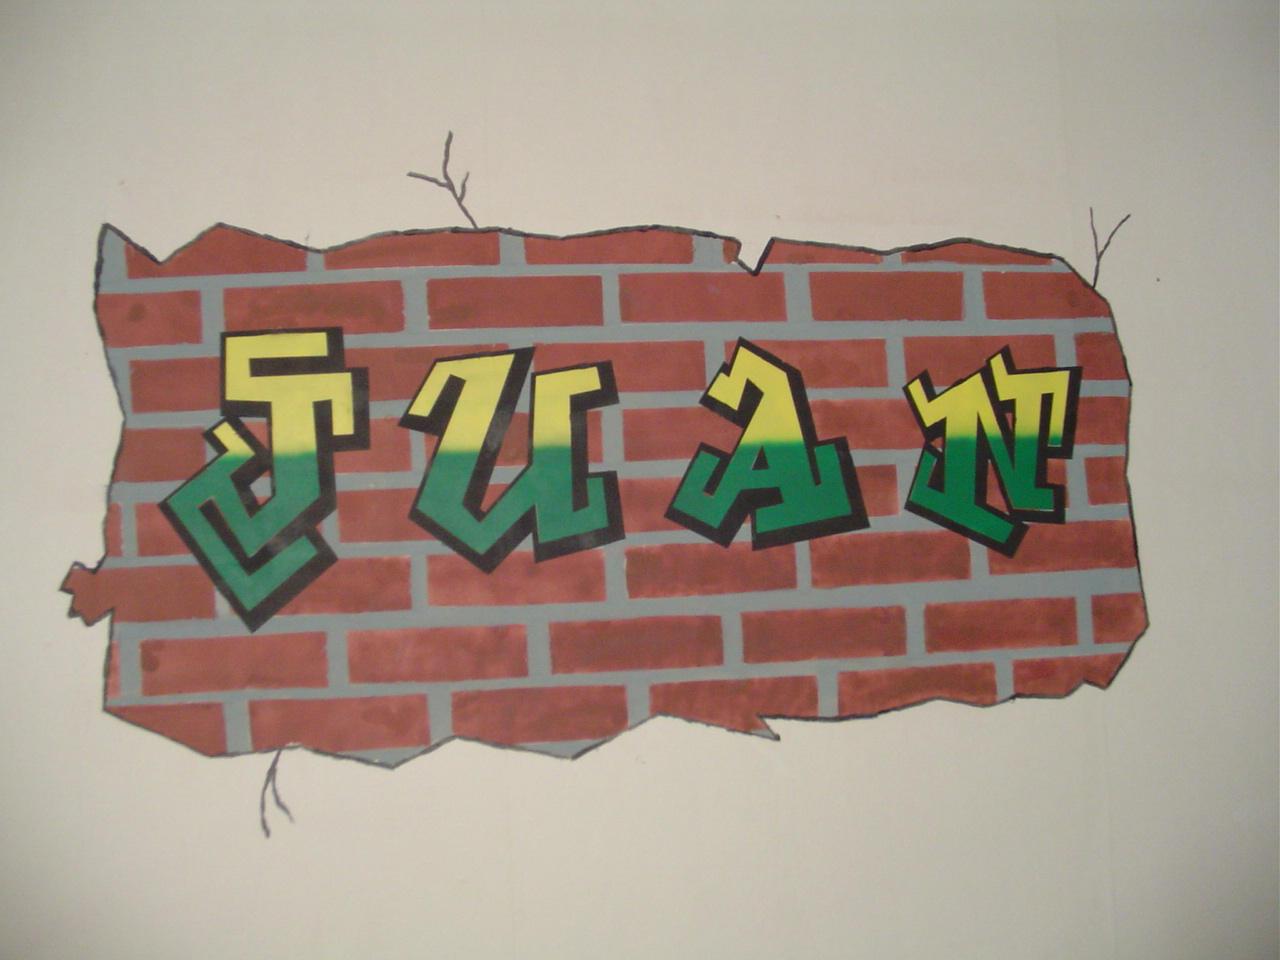 bedroom graffiti by sphinx87 on deviantart